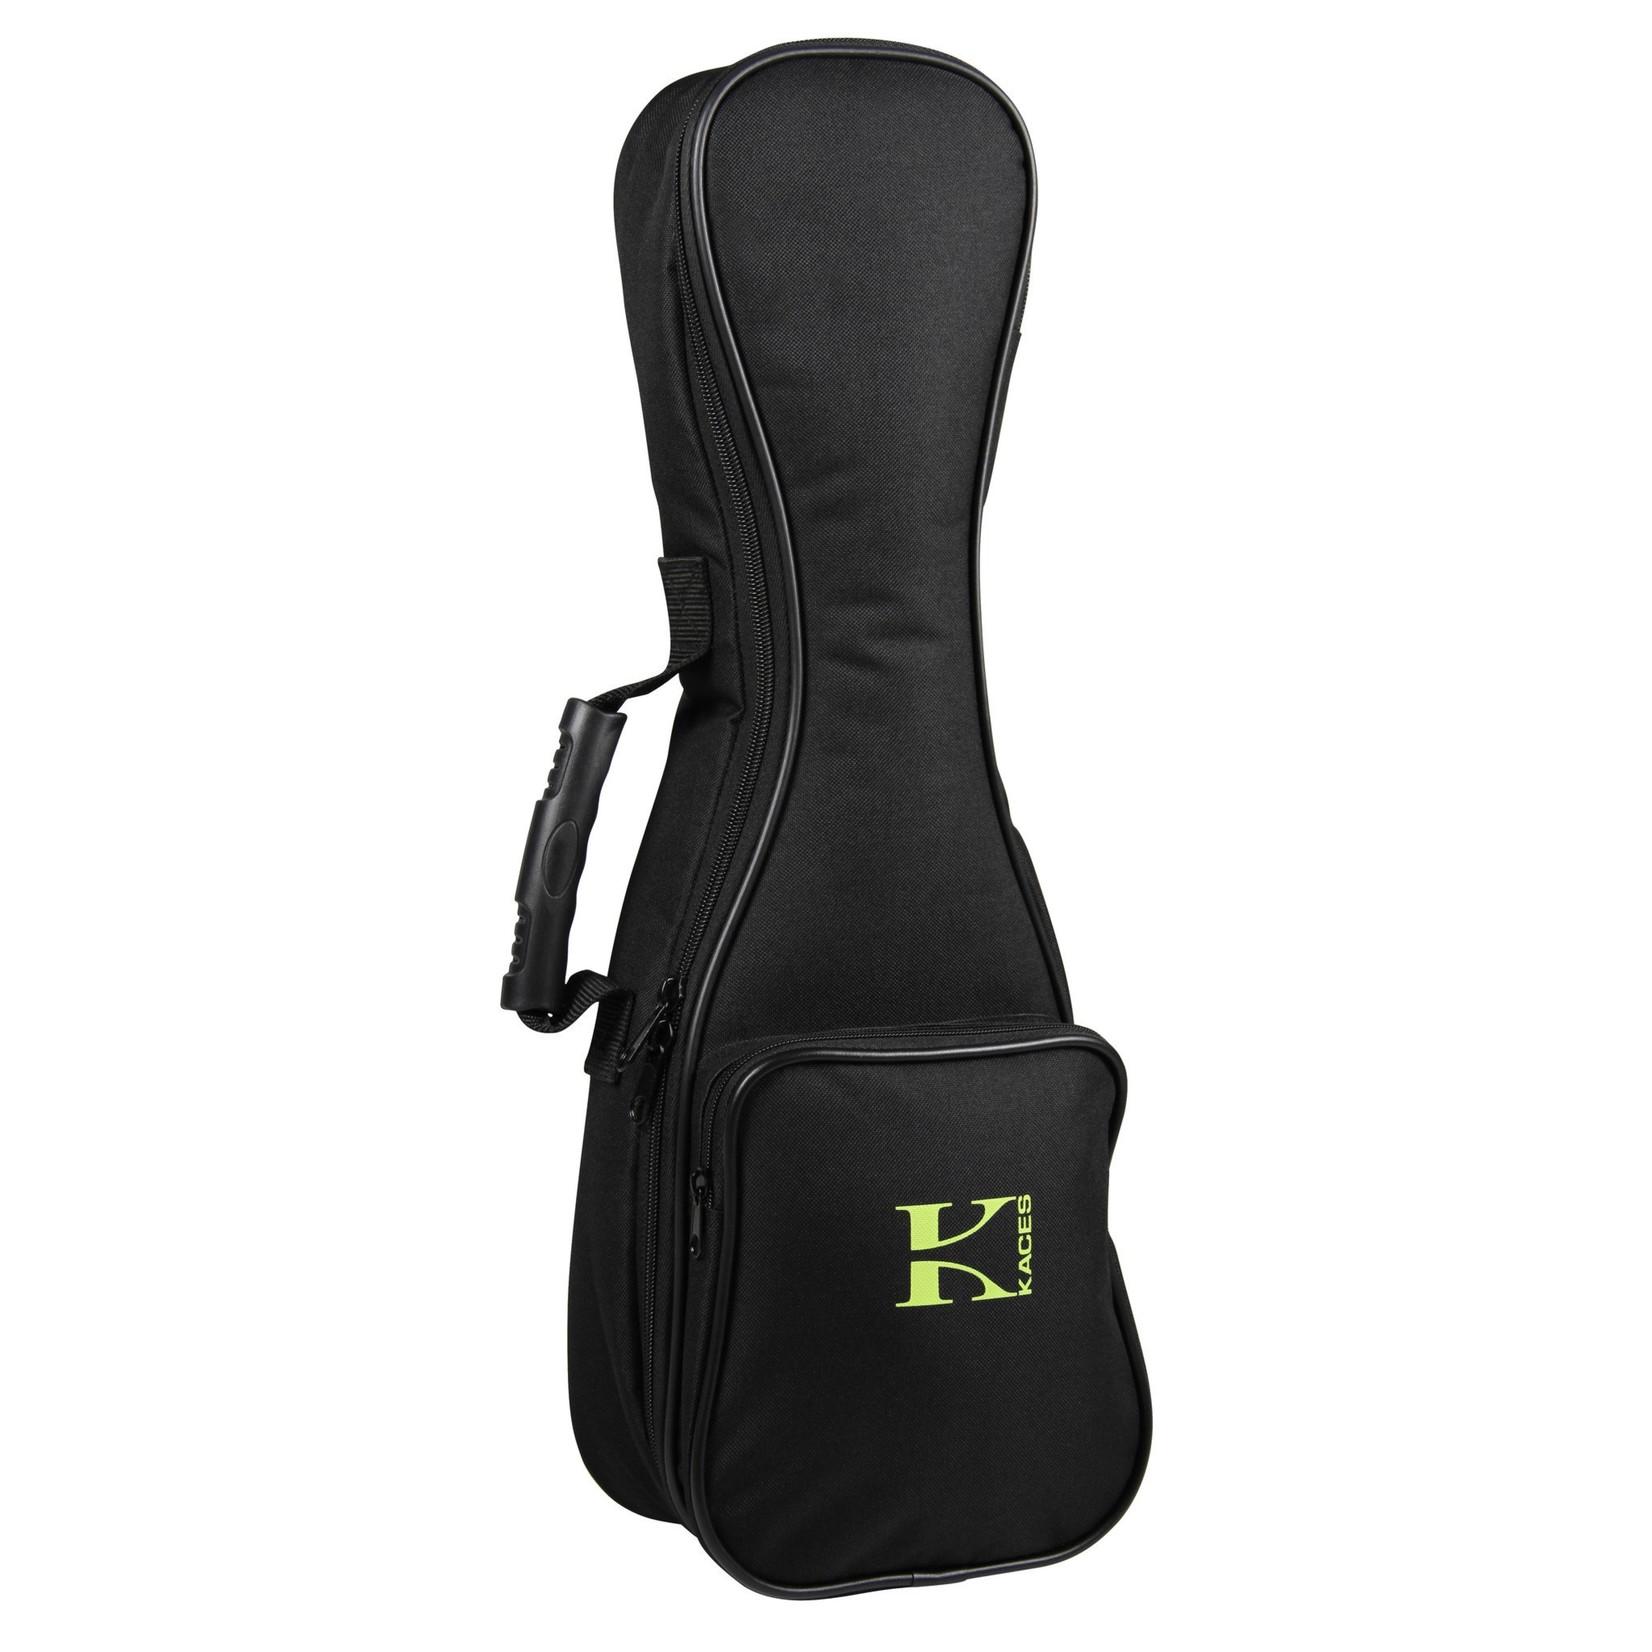 Kaces Kaces KUKS-3 Soprano Ukulele Bag